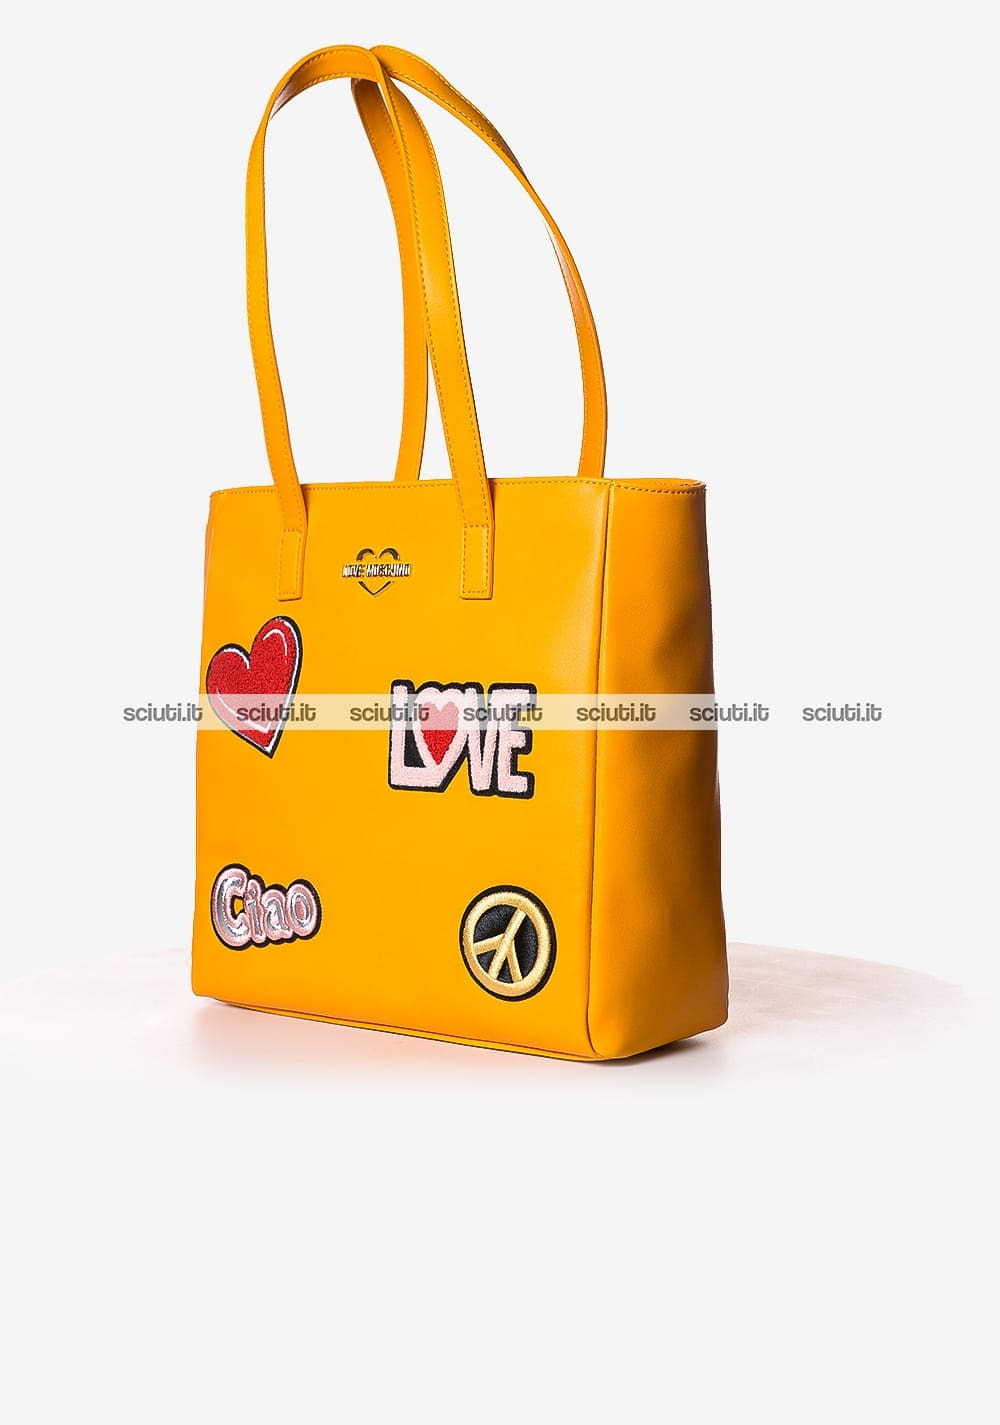 Borsa shopping Love Moschino donna patch arancione | Sciuti.it